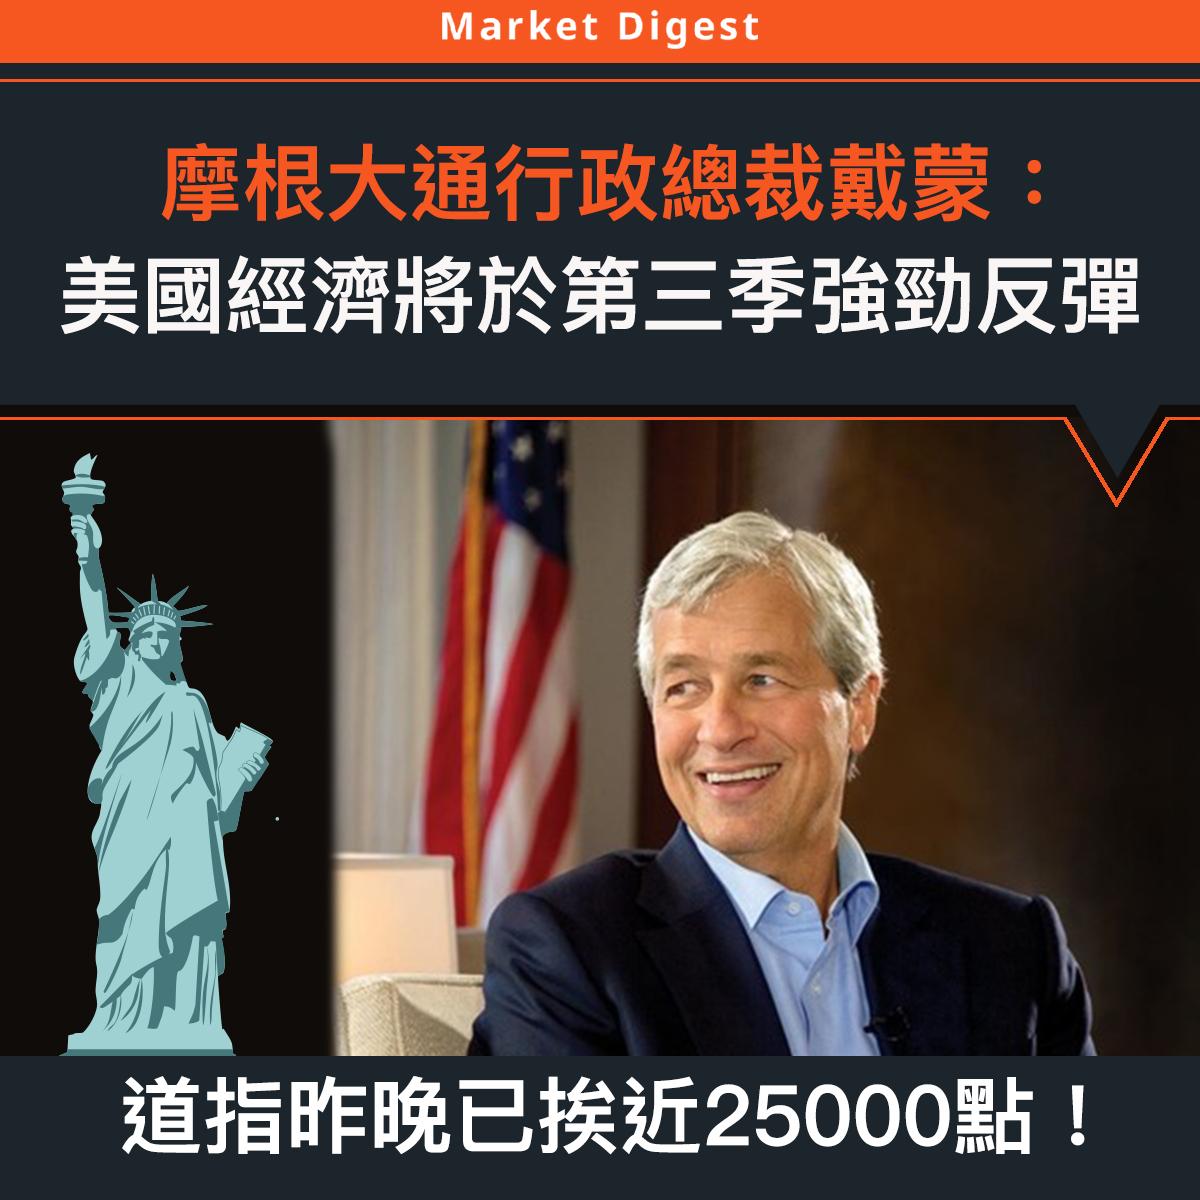 【市場熱話】摩根大通行政總裁戴蒙:美國經濟將於第三季強勁反彈